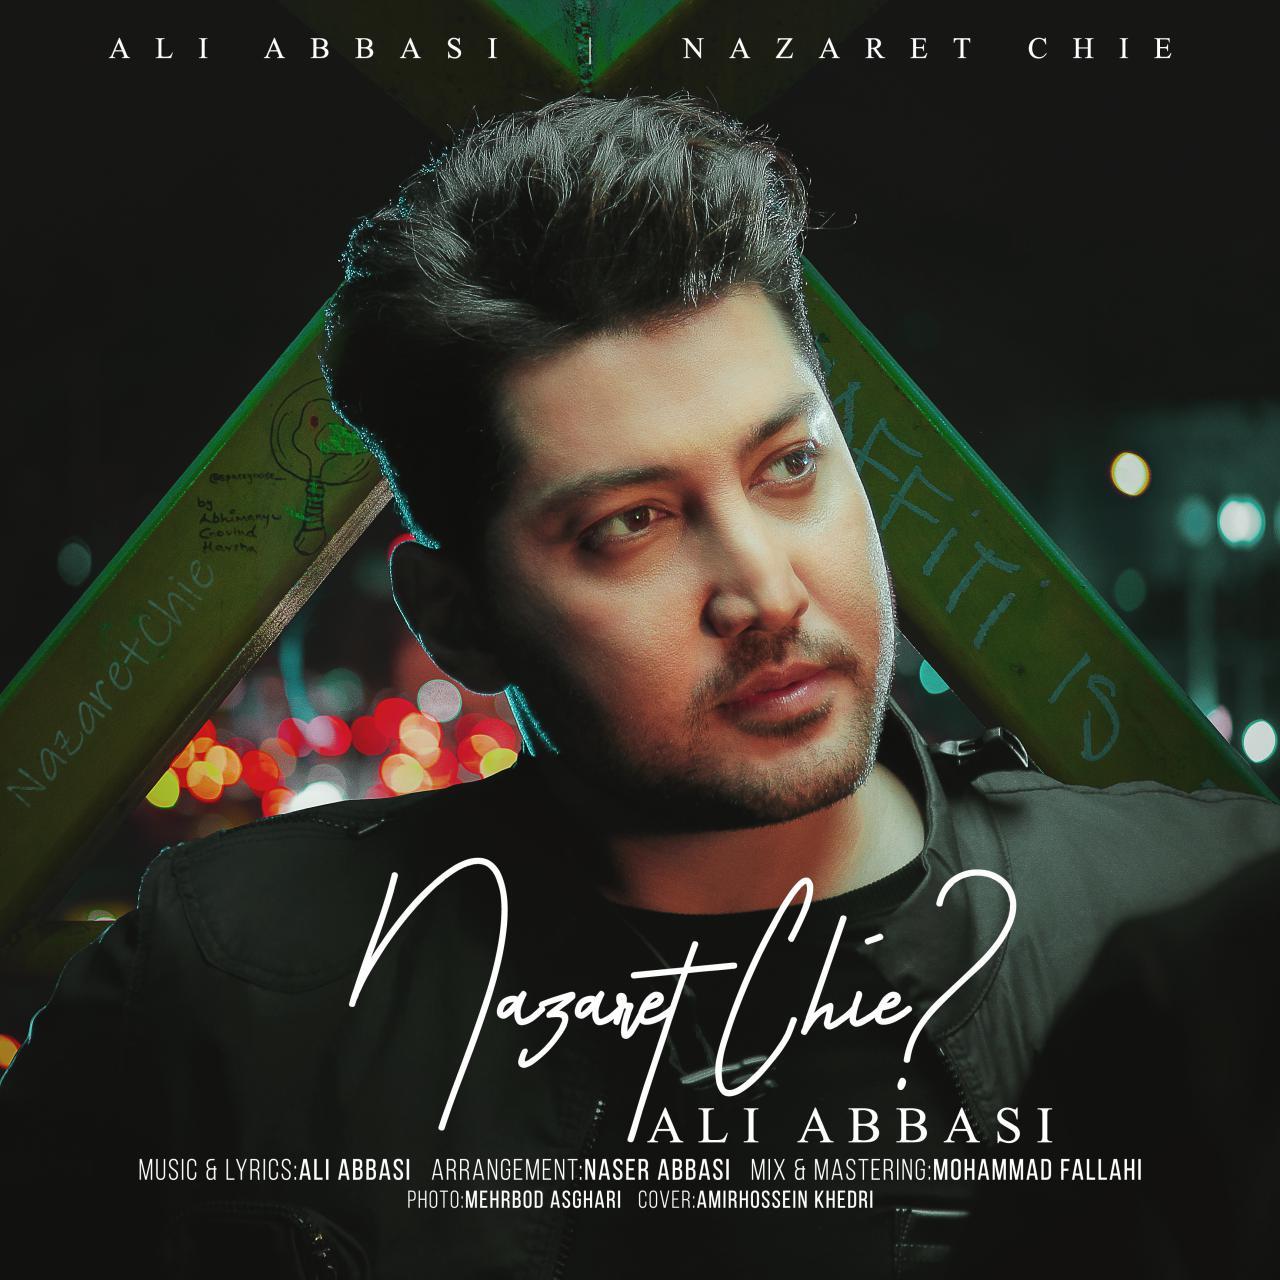 Ali Abbasi – Nazaret Chie